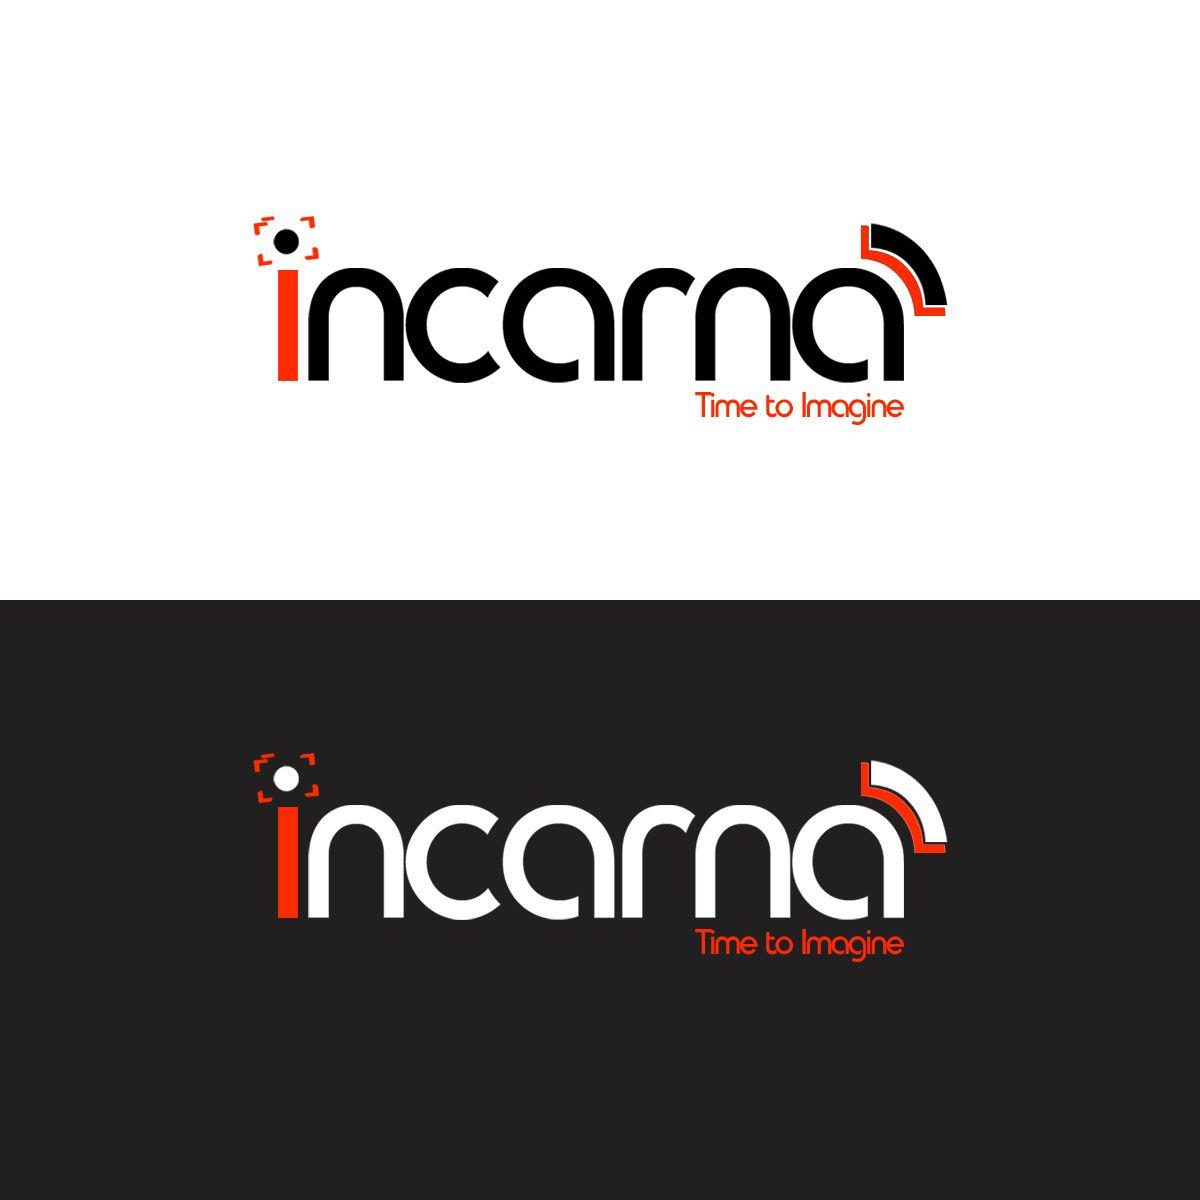 Логотип для Incarna - дизайнер seanmik